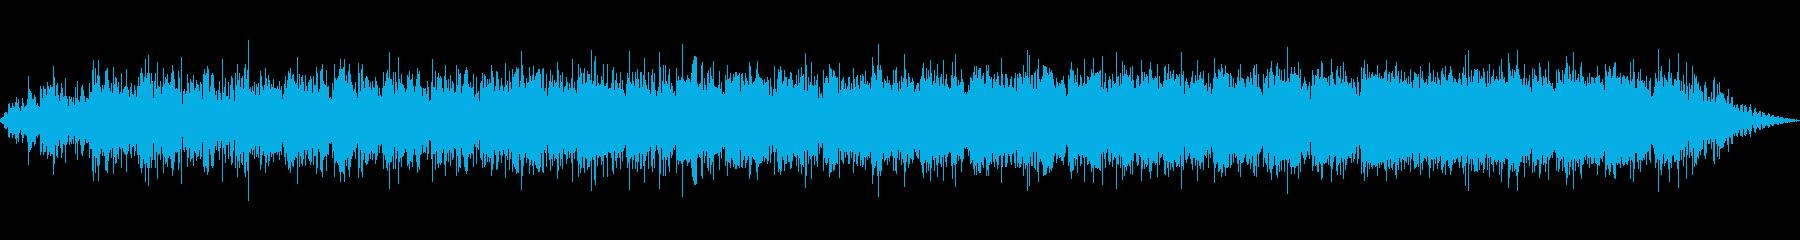 迫りくる夜を感じさせる電子音楽の再生済みの波形